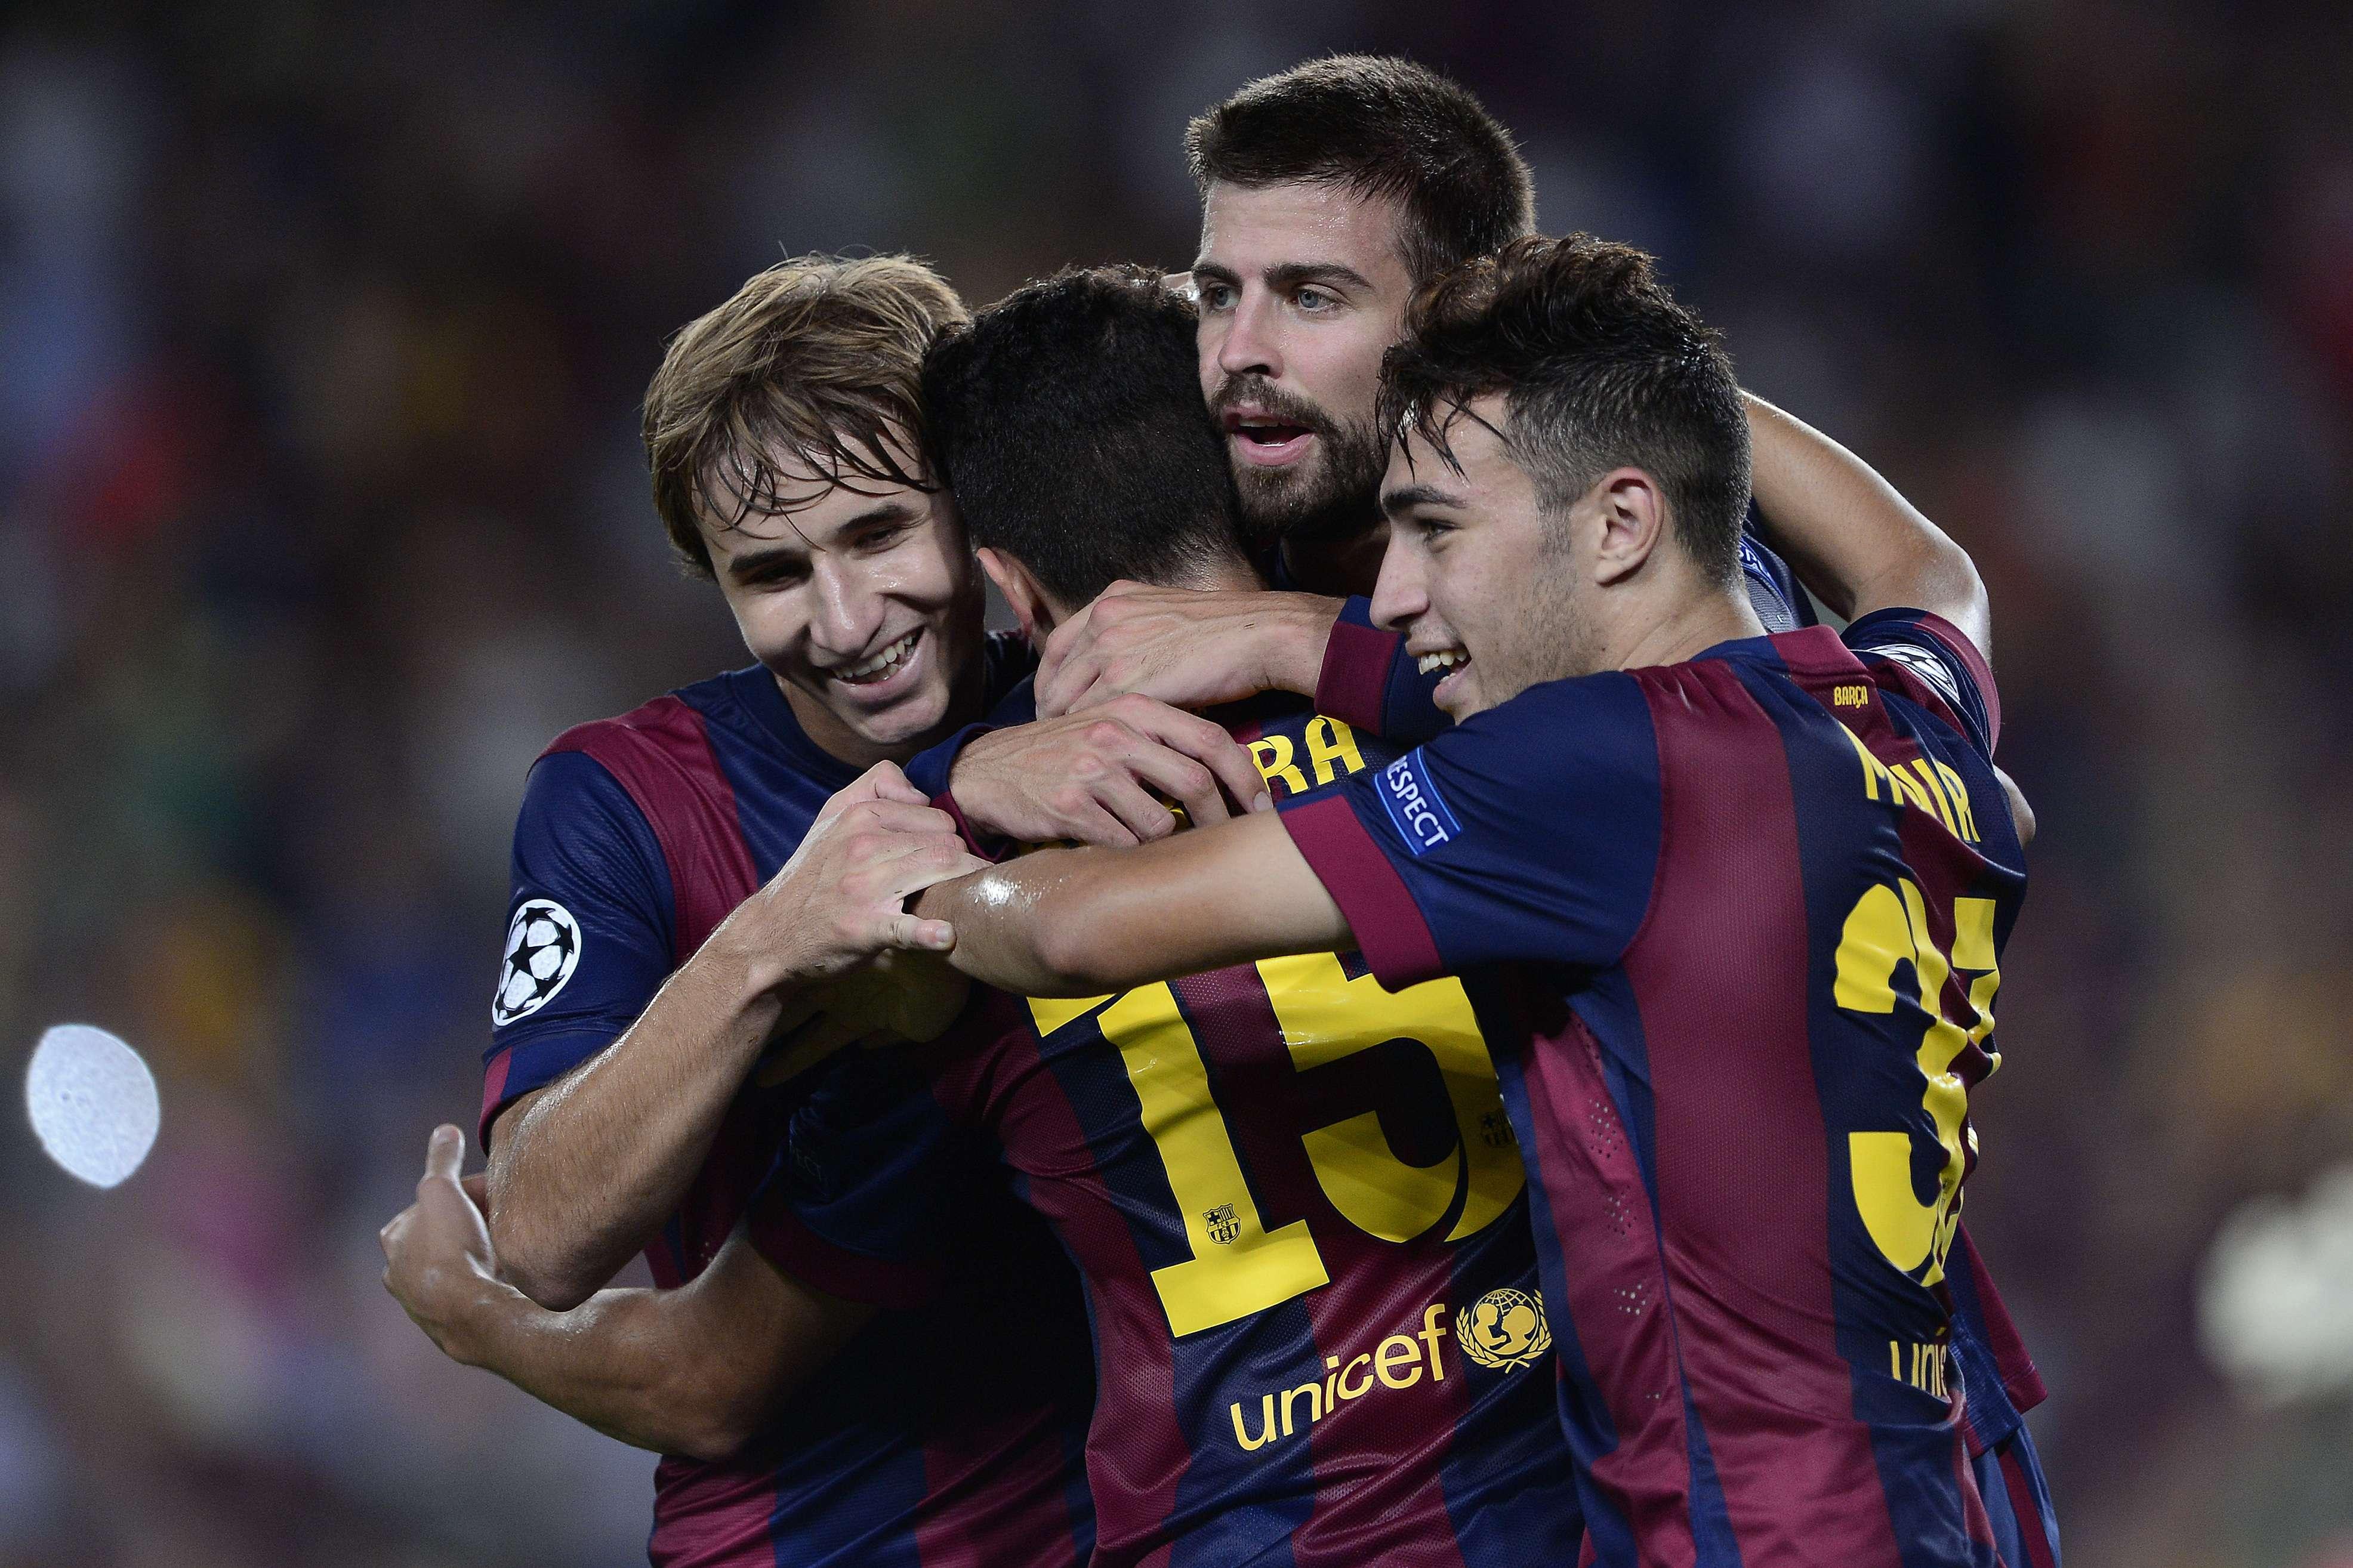 Jogadores do Barcelona festejam vitória apertada sobre o Apoel Foto: Josep Lago/AFP